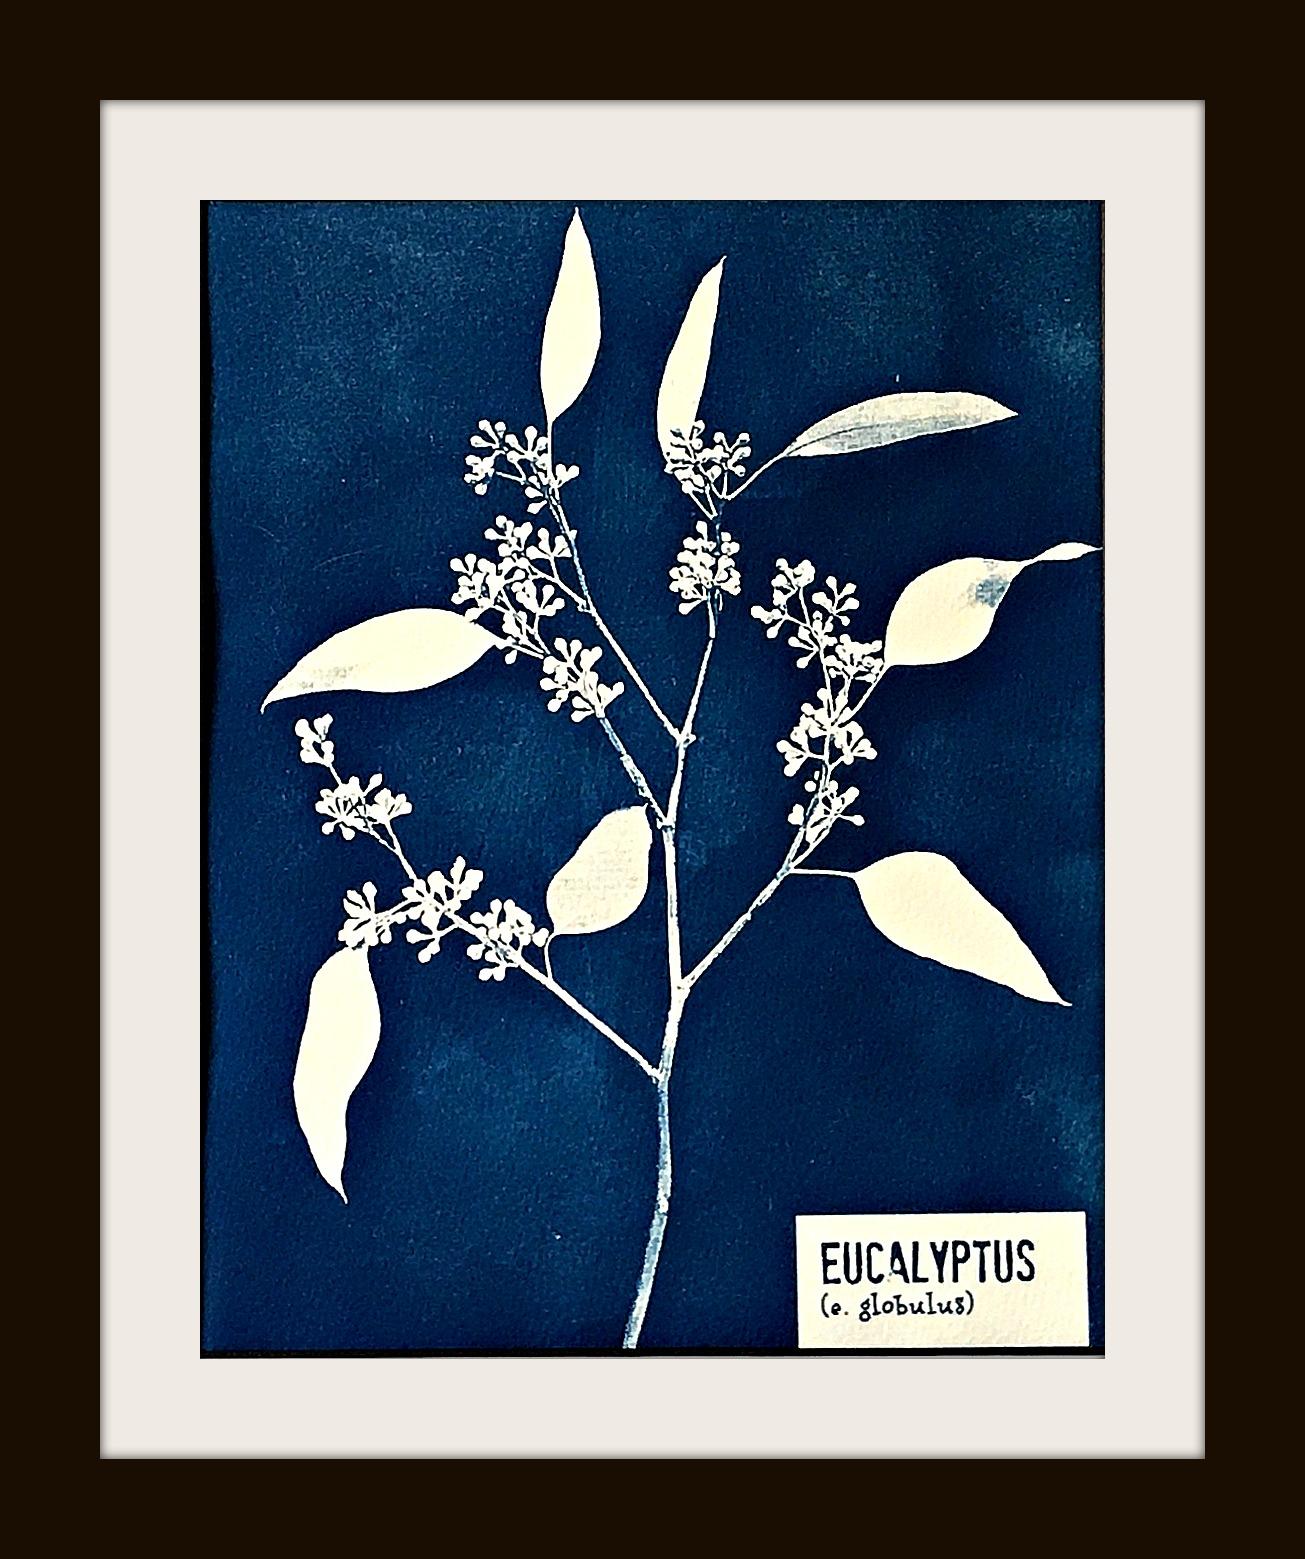 eucalyptuswebFinal.jpg